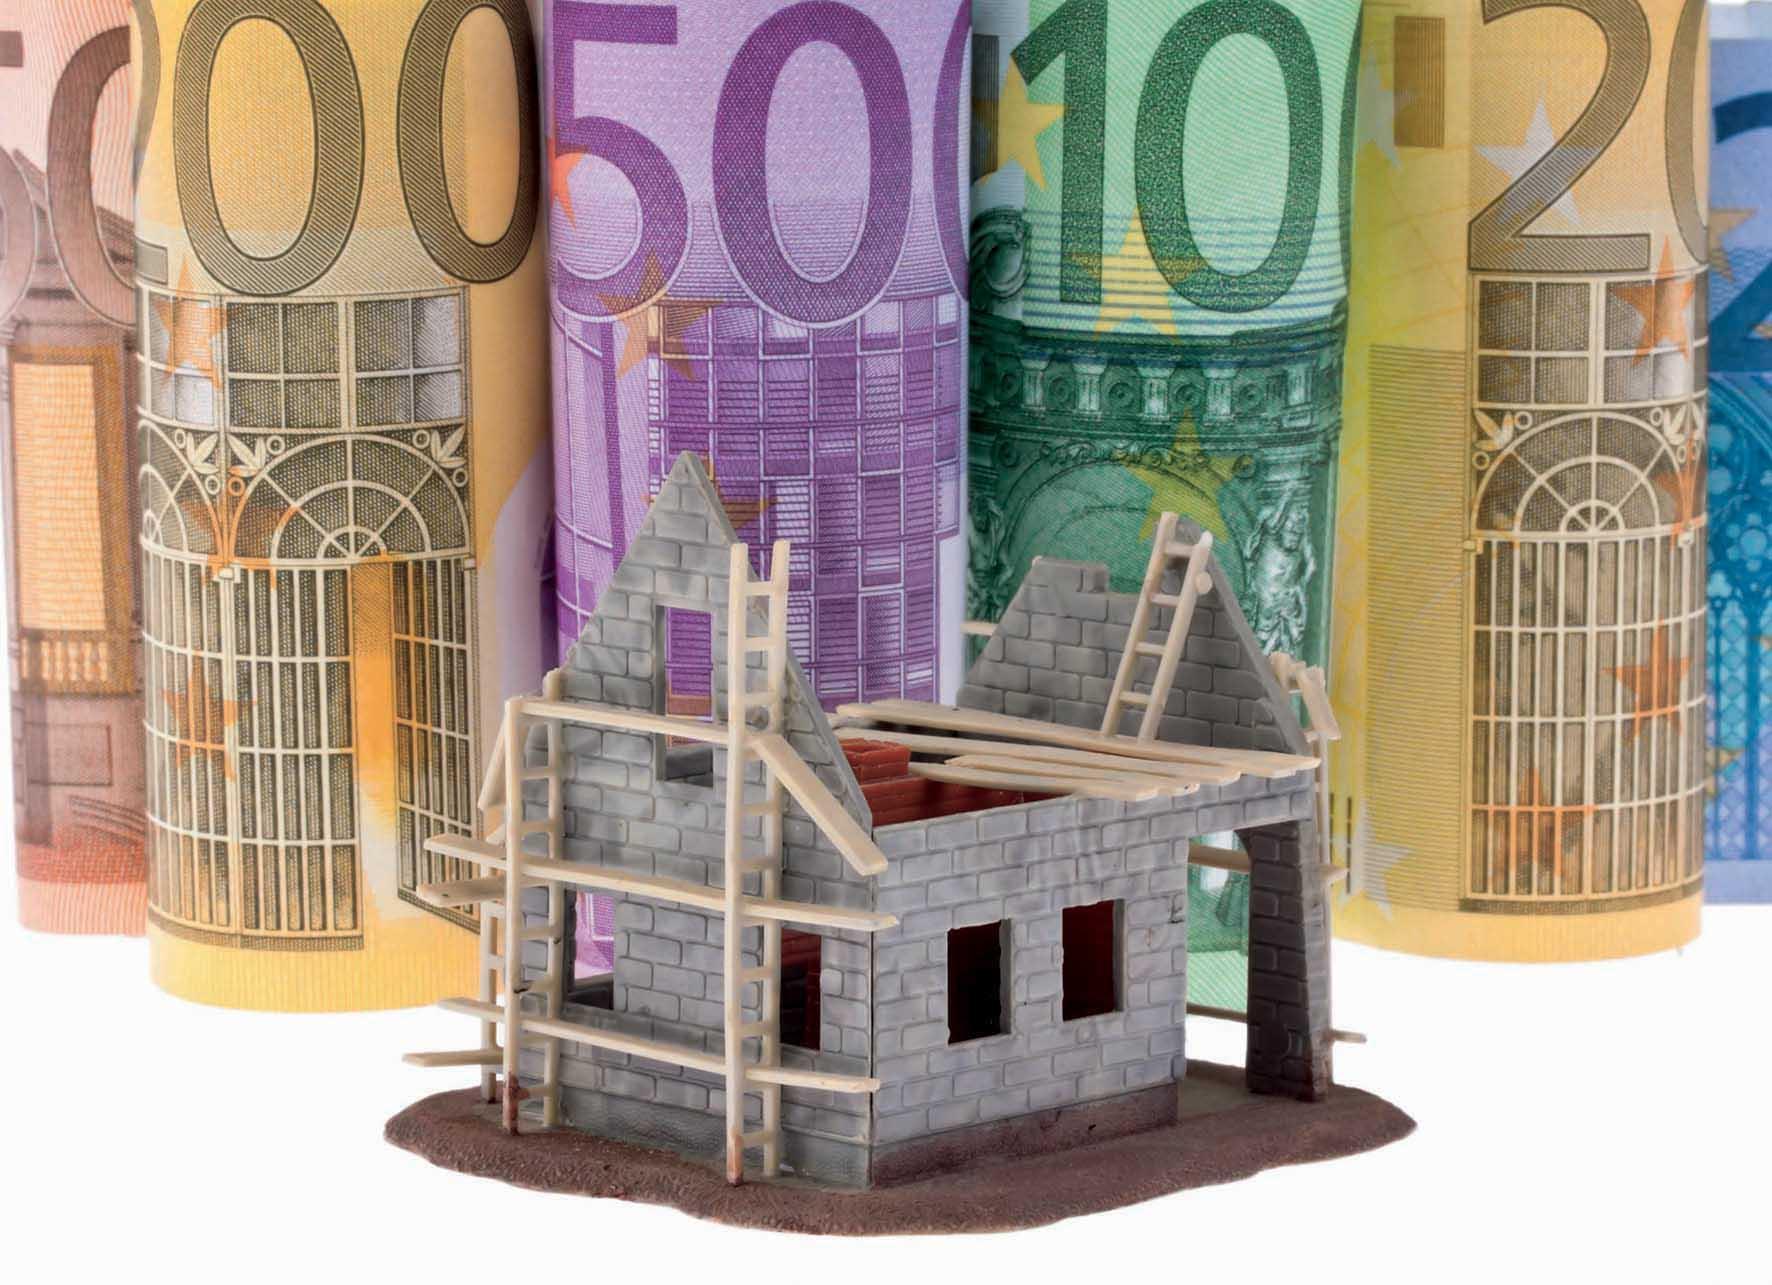 euro biglietti arrotolati modellino casa